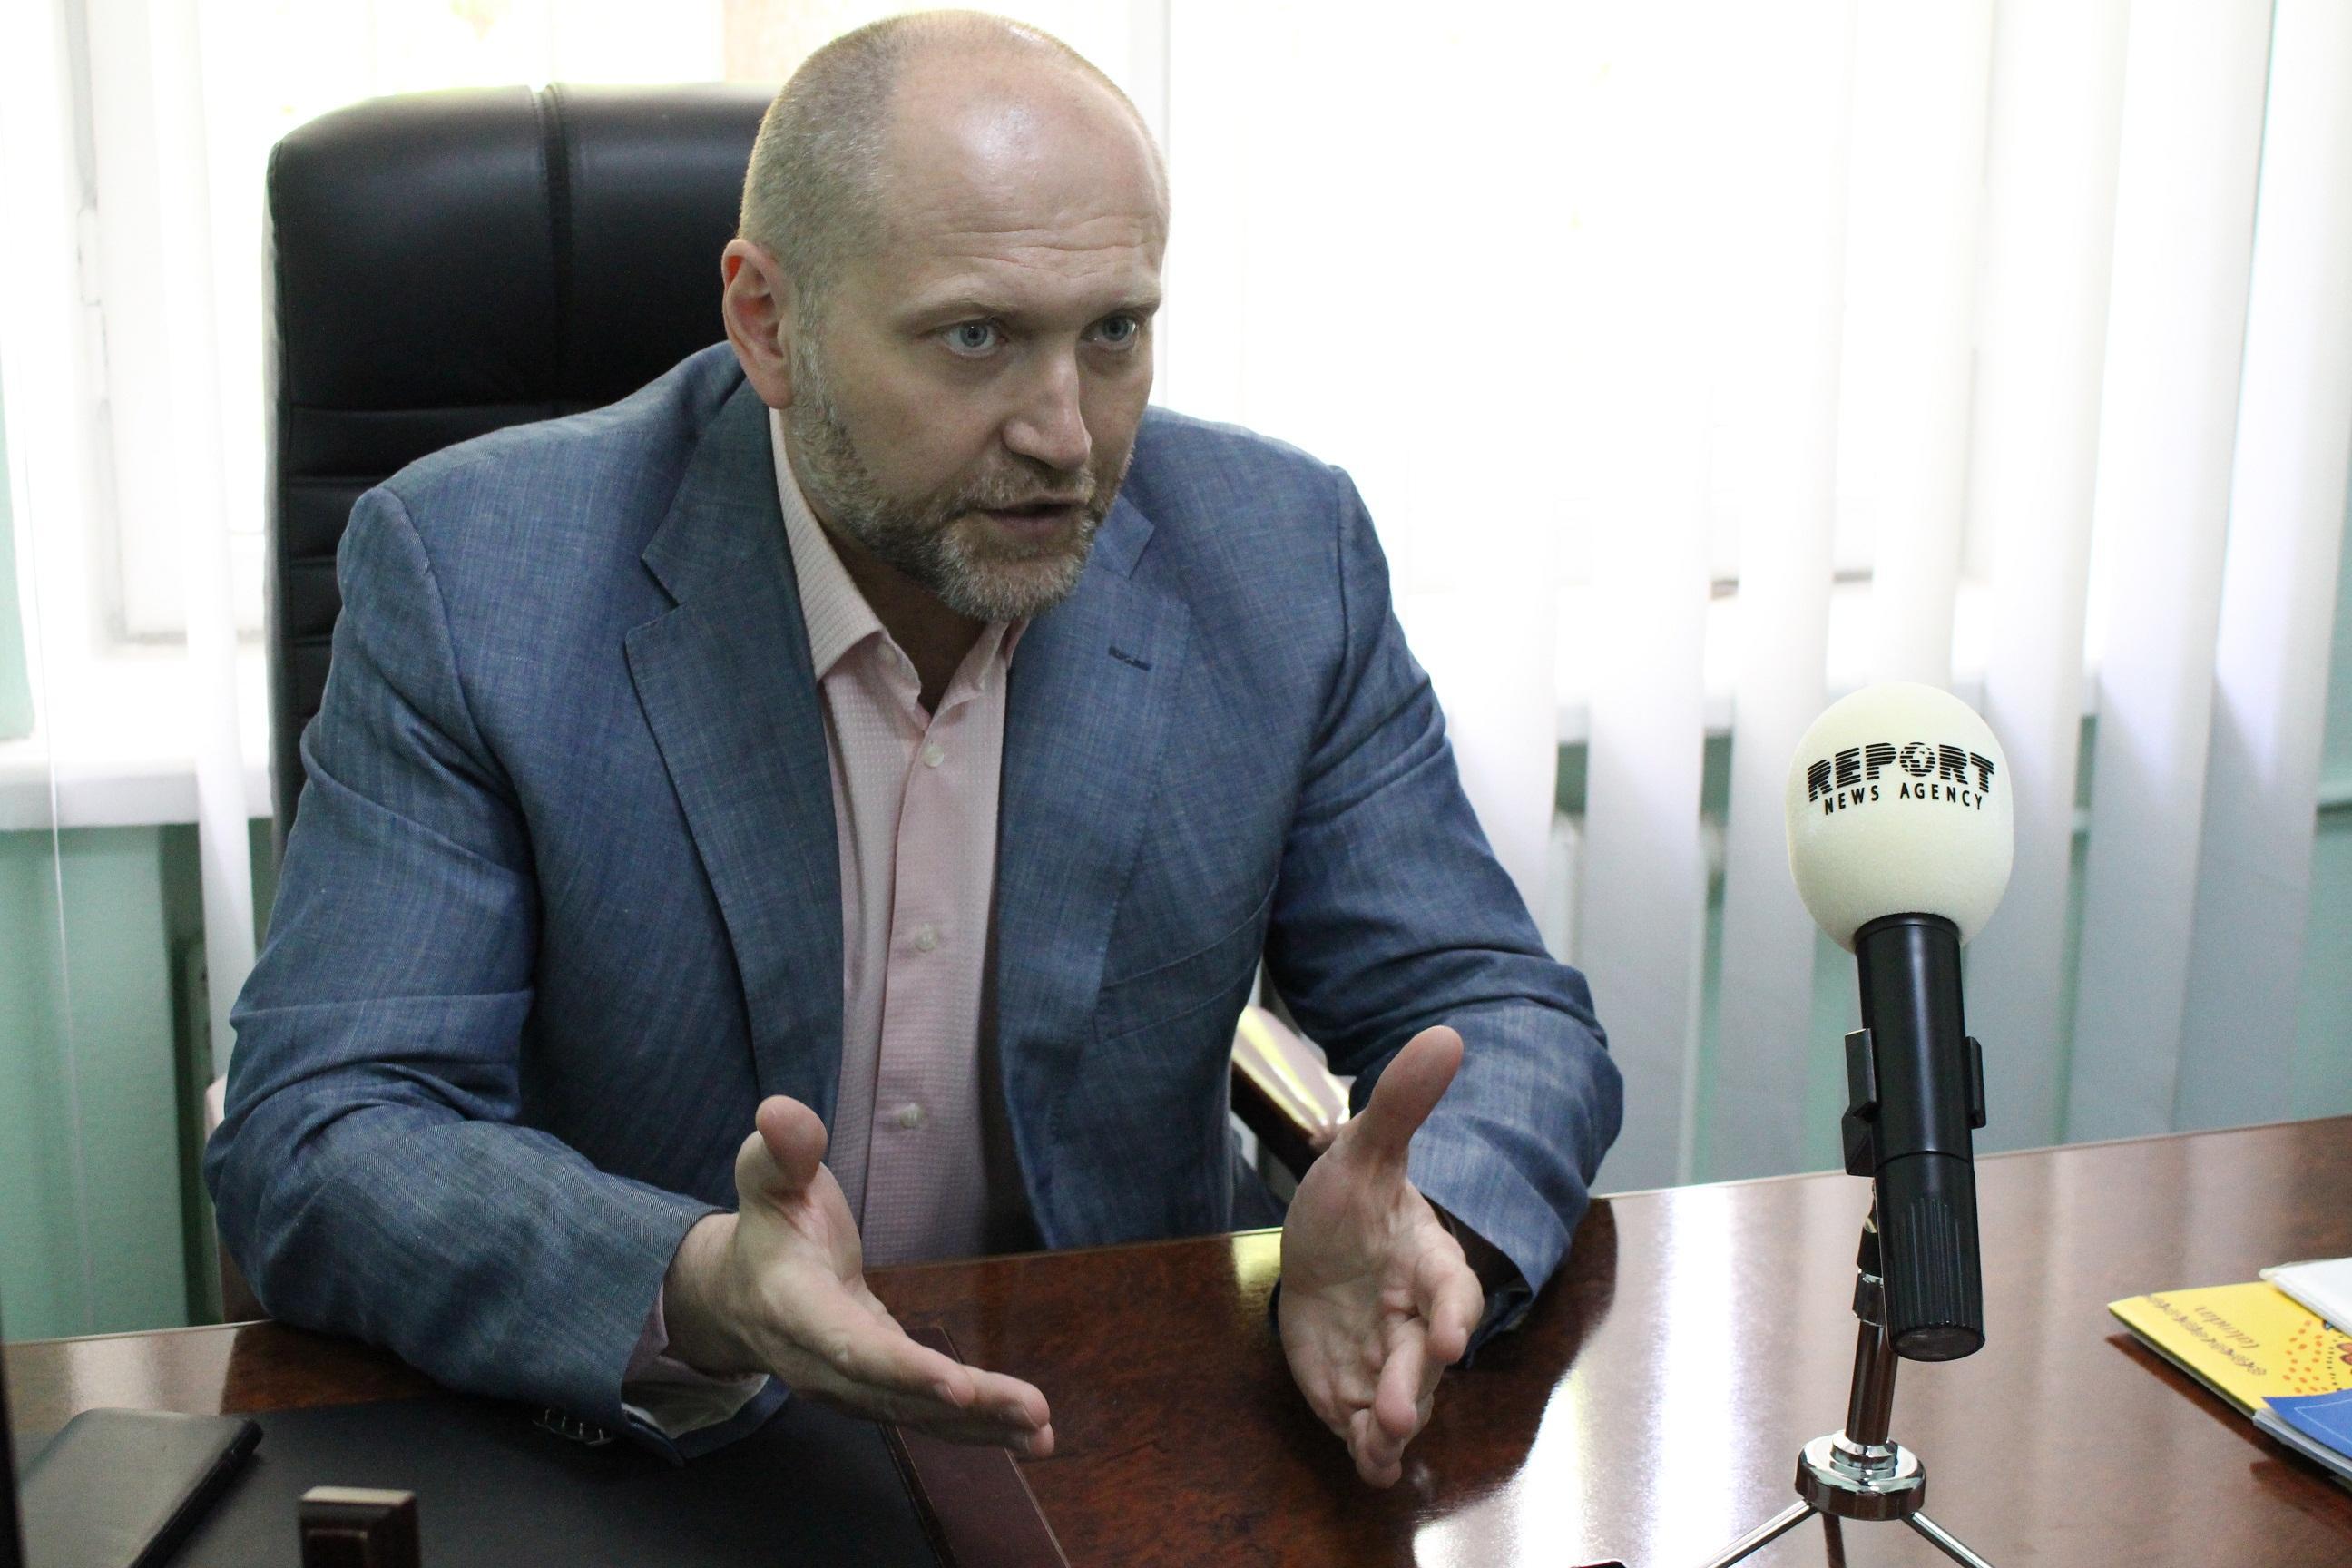 Ukraynalı deputat: Azərbaycanın sosial layihələrin həyata keçirilməsi sahəsindəki təcrübəsini öyrənmək lazımdır - MÜSAHİBƏ